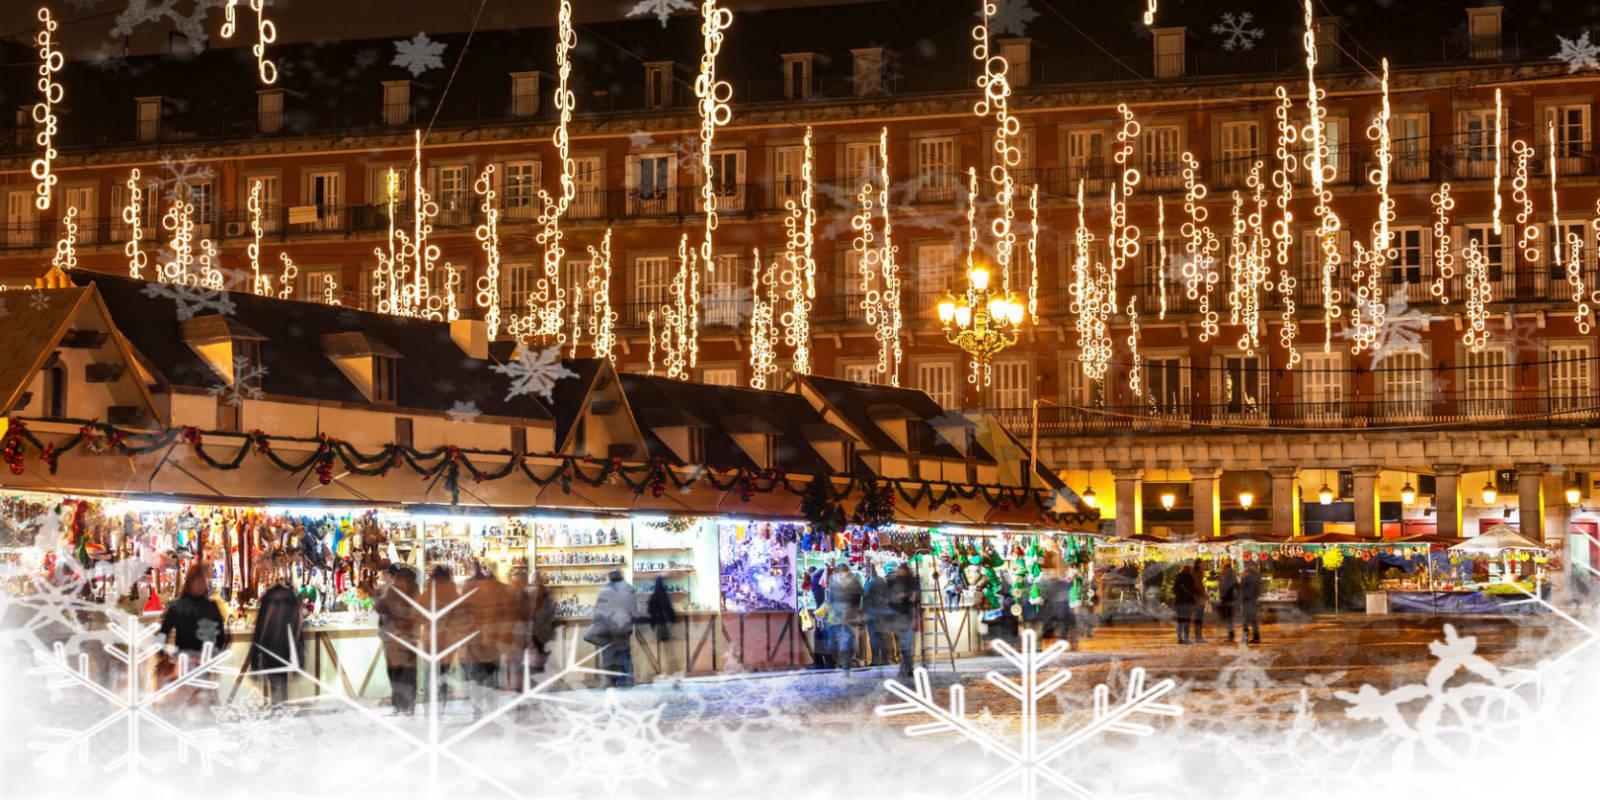 Kerstmarkt Madrid1a